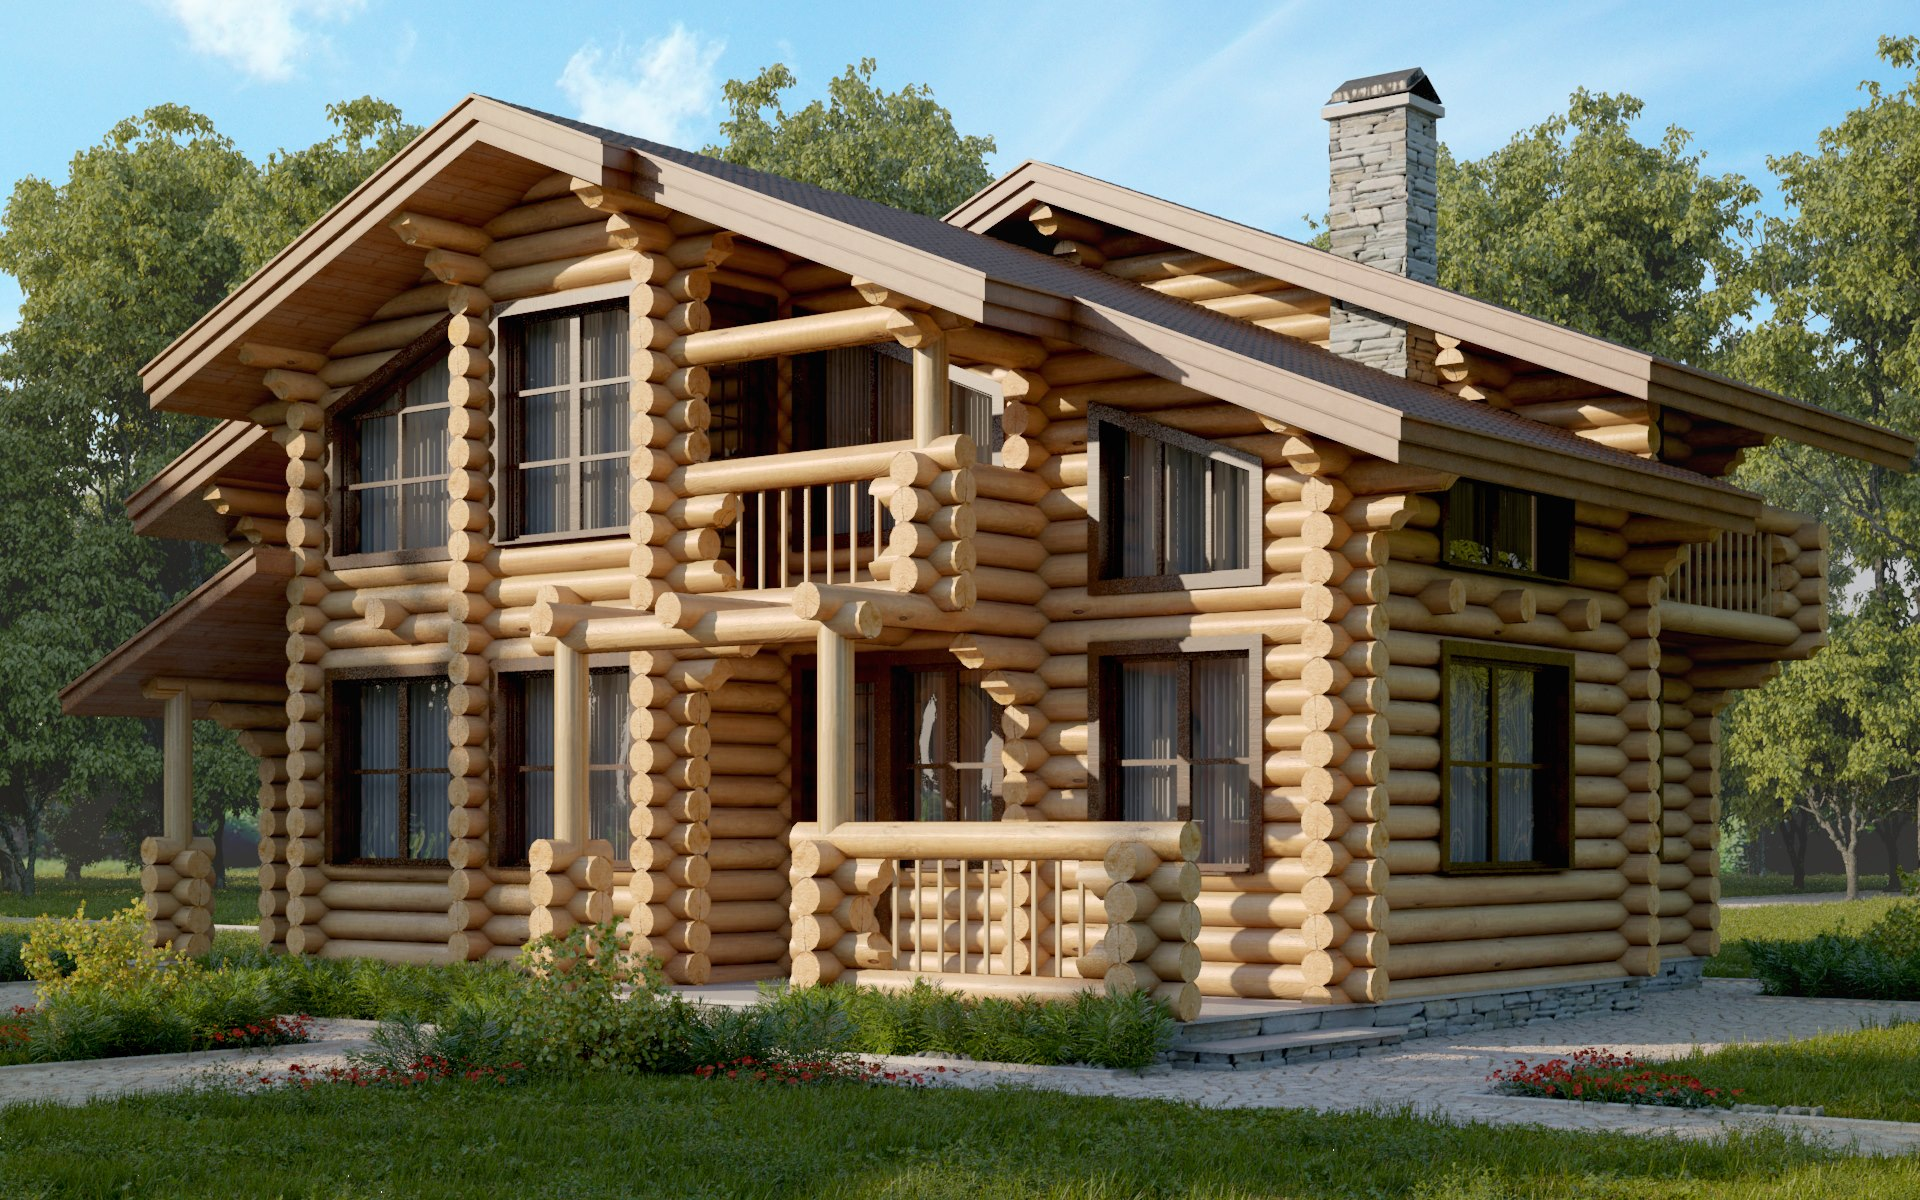 использование бревен в строительстве дома